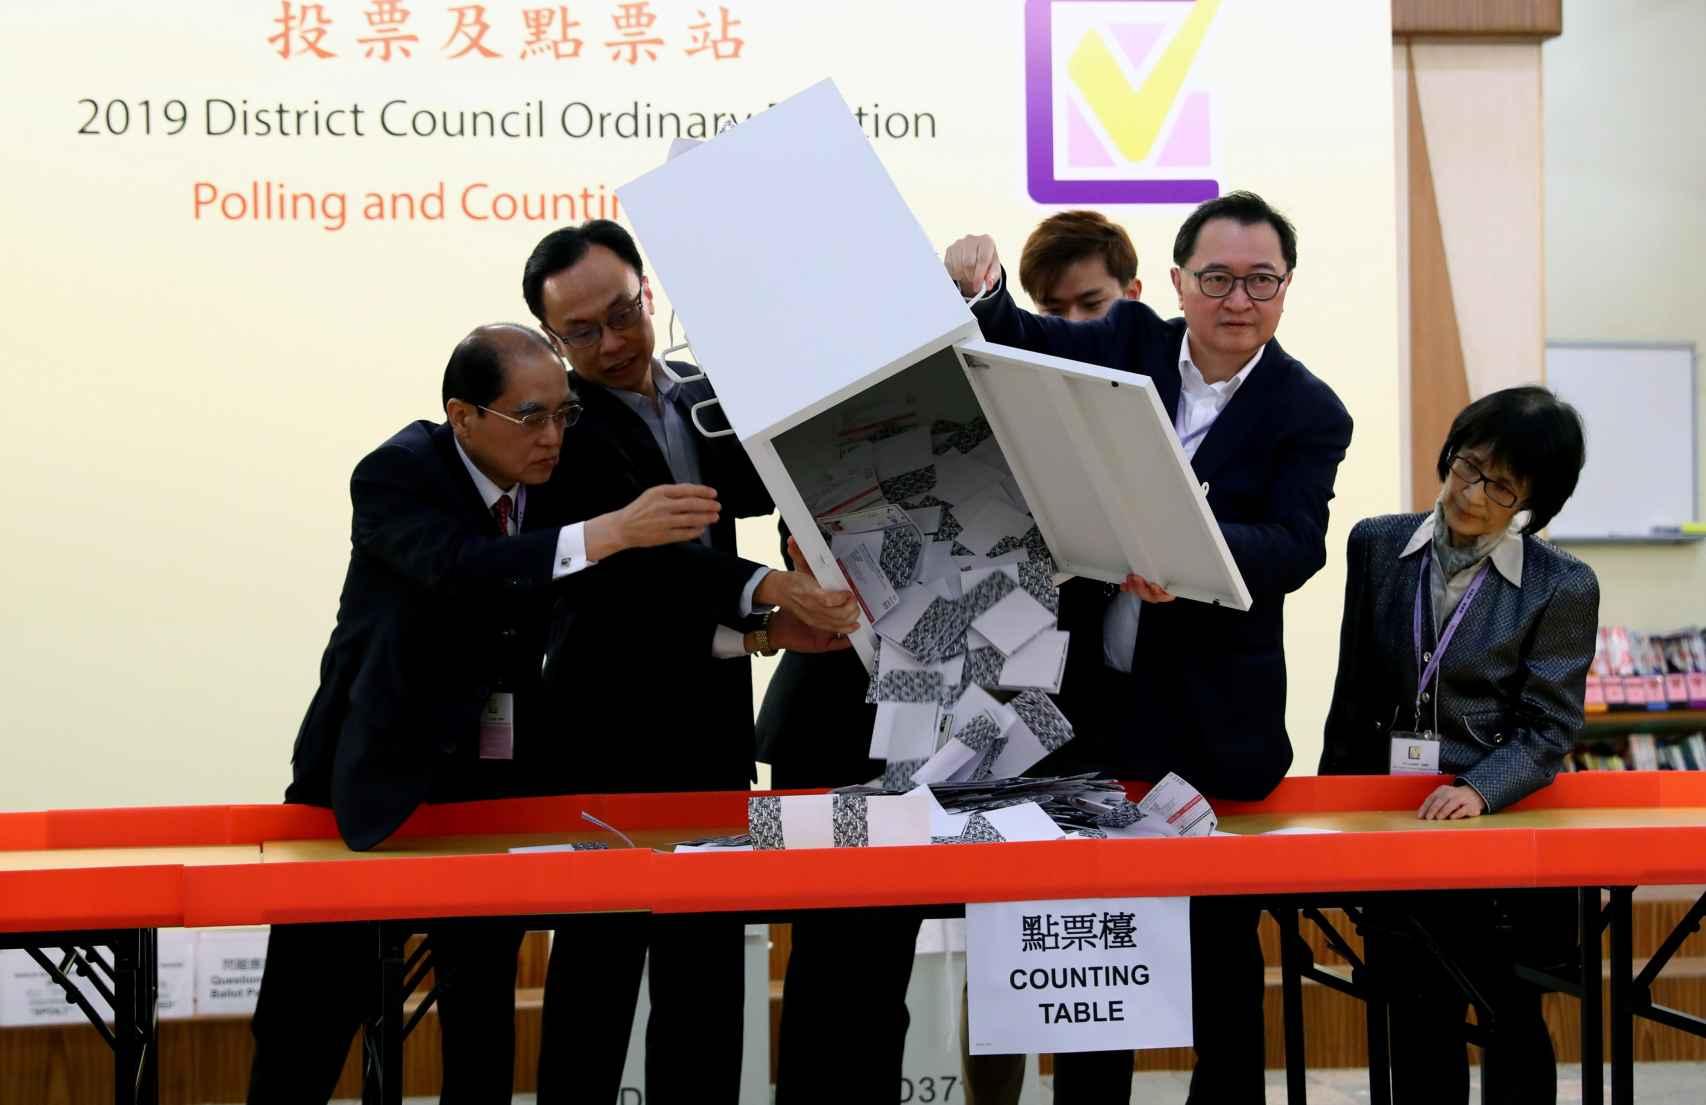 Comienzo del recuento electoral en uno de los centros.